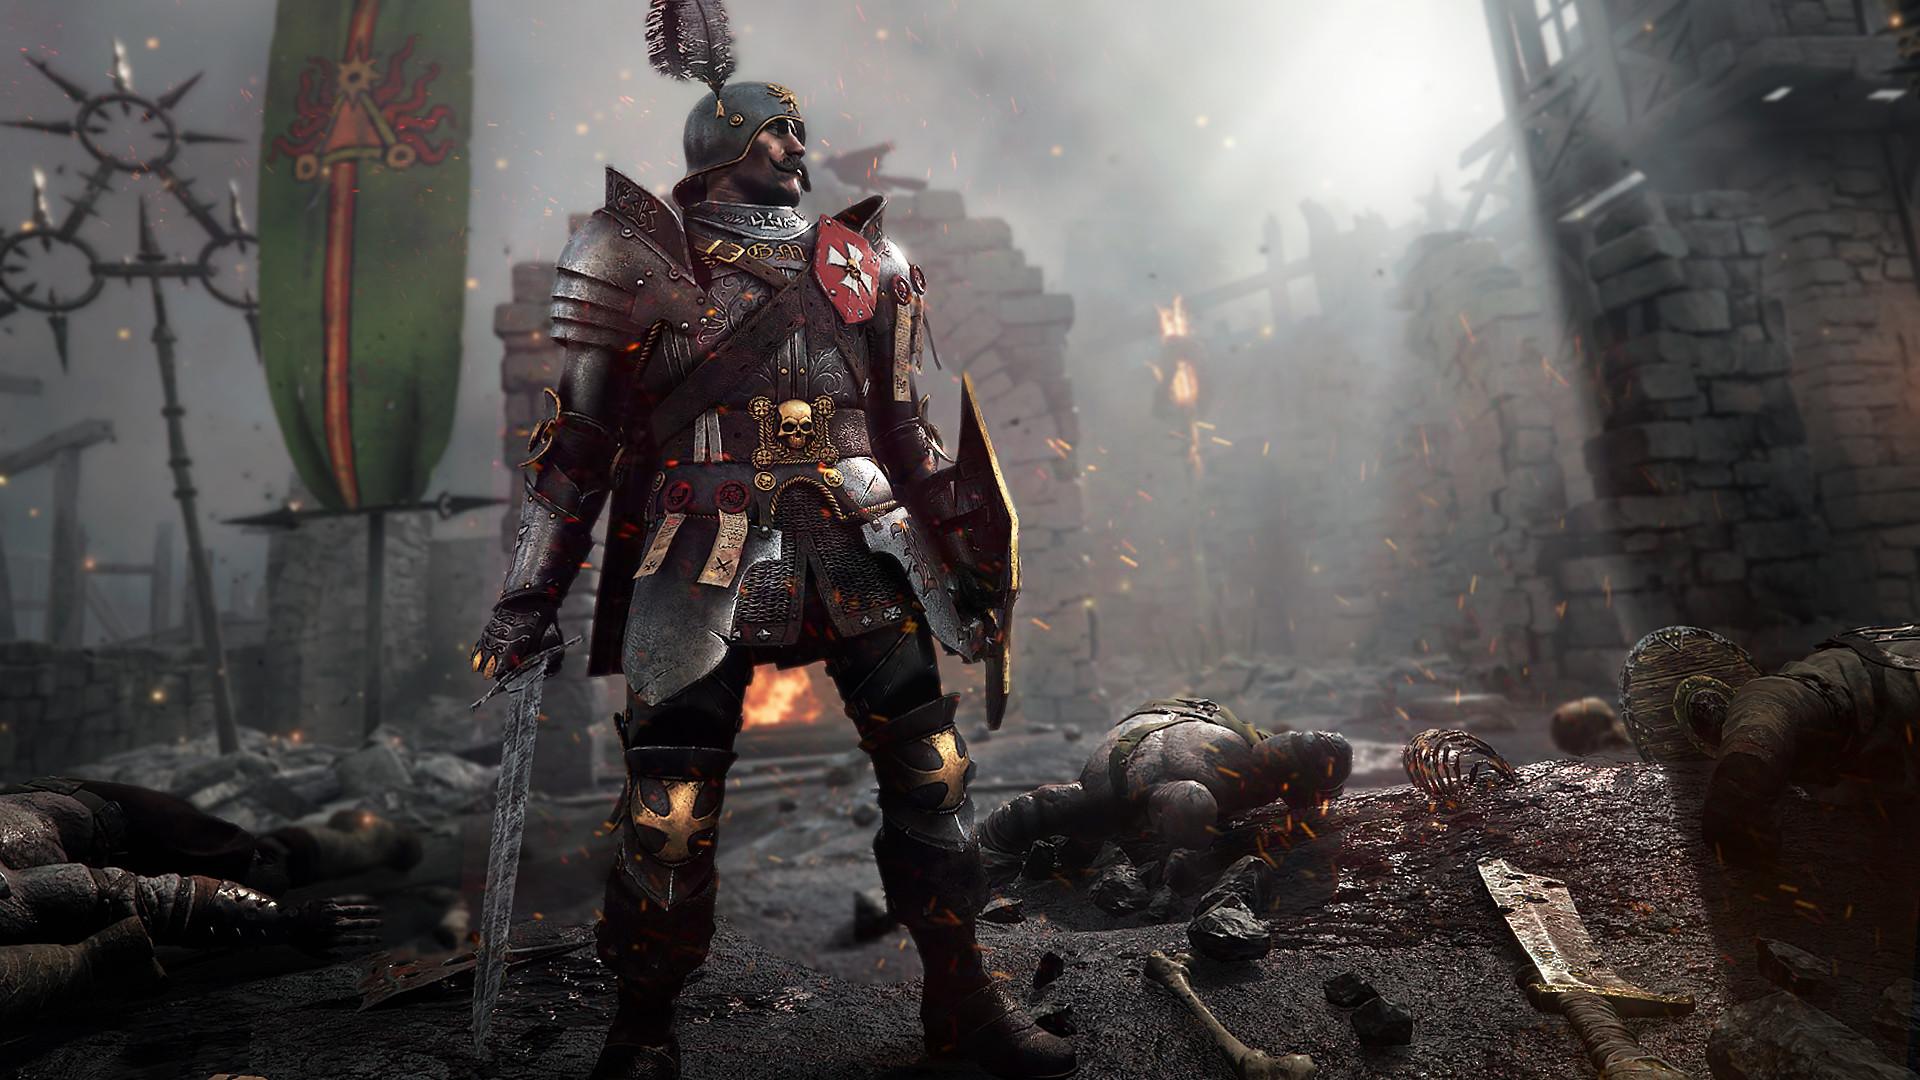 Warhammer Vermintide 2 On Steam Hacks And Mods Computer Case 40k